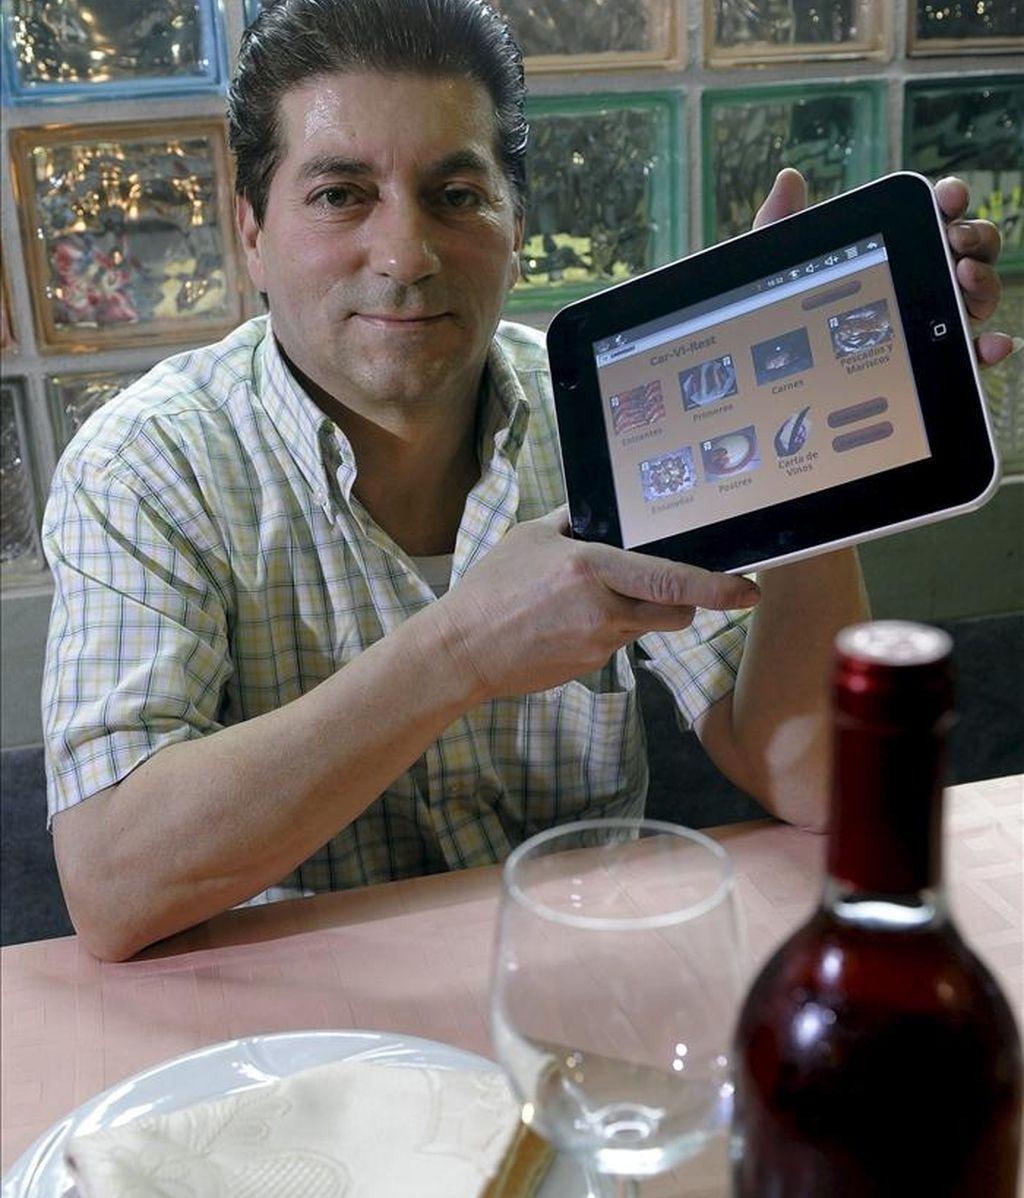 """Una empresa de Valladolid ha diseñado una carta virtual para bares y restaurantes, una tableta multimedia que puede sustituir a los tradicionales menús en papel, con ventajas como la posibilidad de ver cómo es cada plato antes de que llegue a la mesa. A partir del viejo dicho de """"comer con la vista"""", al empresario Cipriano Bote le surgió la idea de diseñar esta carta virtual """"de opciones ilimitadas"""". EFE"""